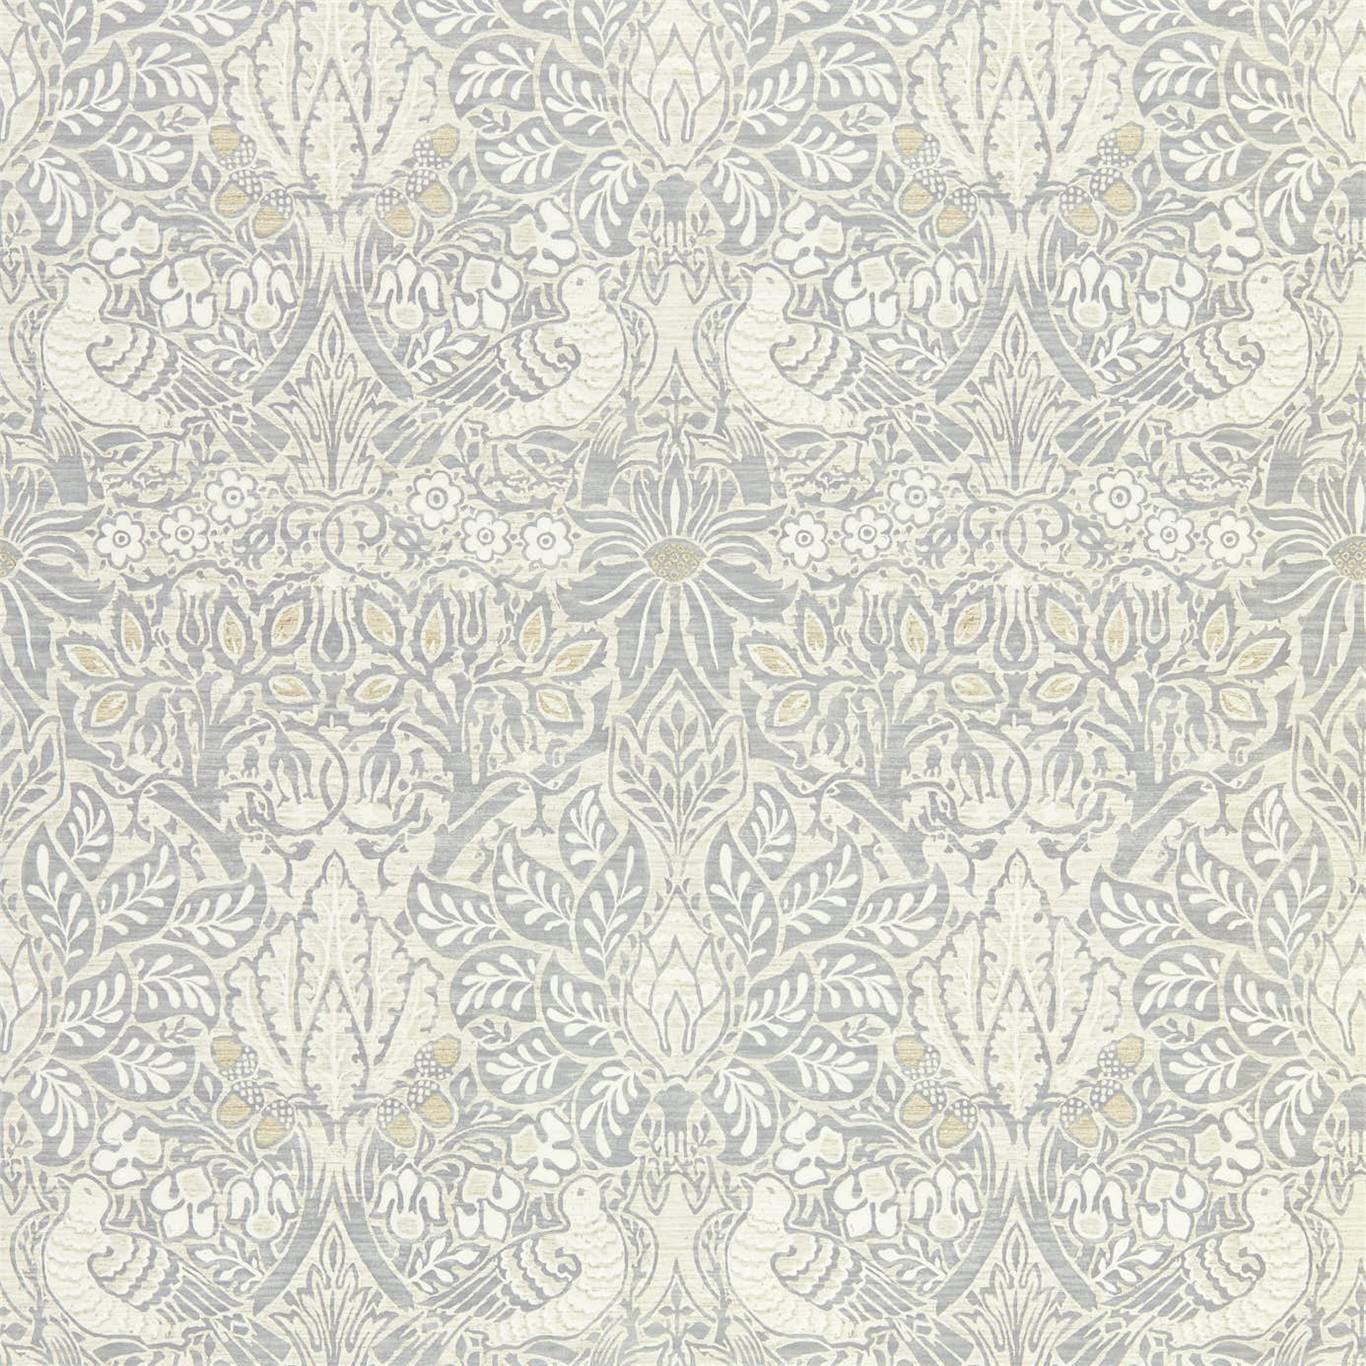 Pure Dove & Rose DMPN216520 William morris wallpaper